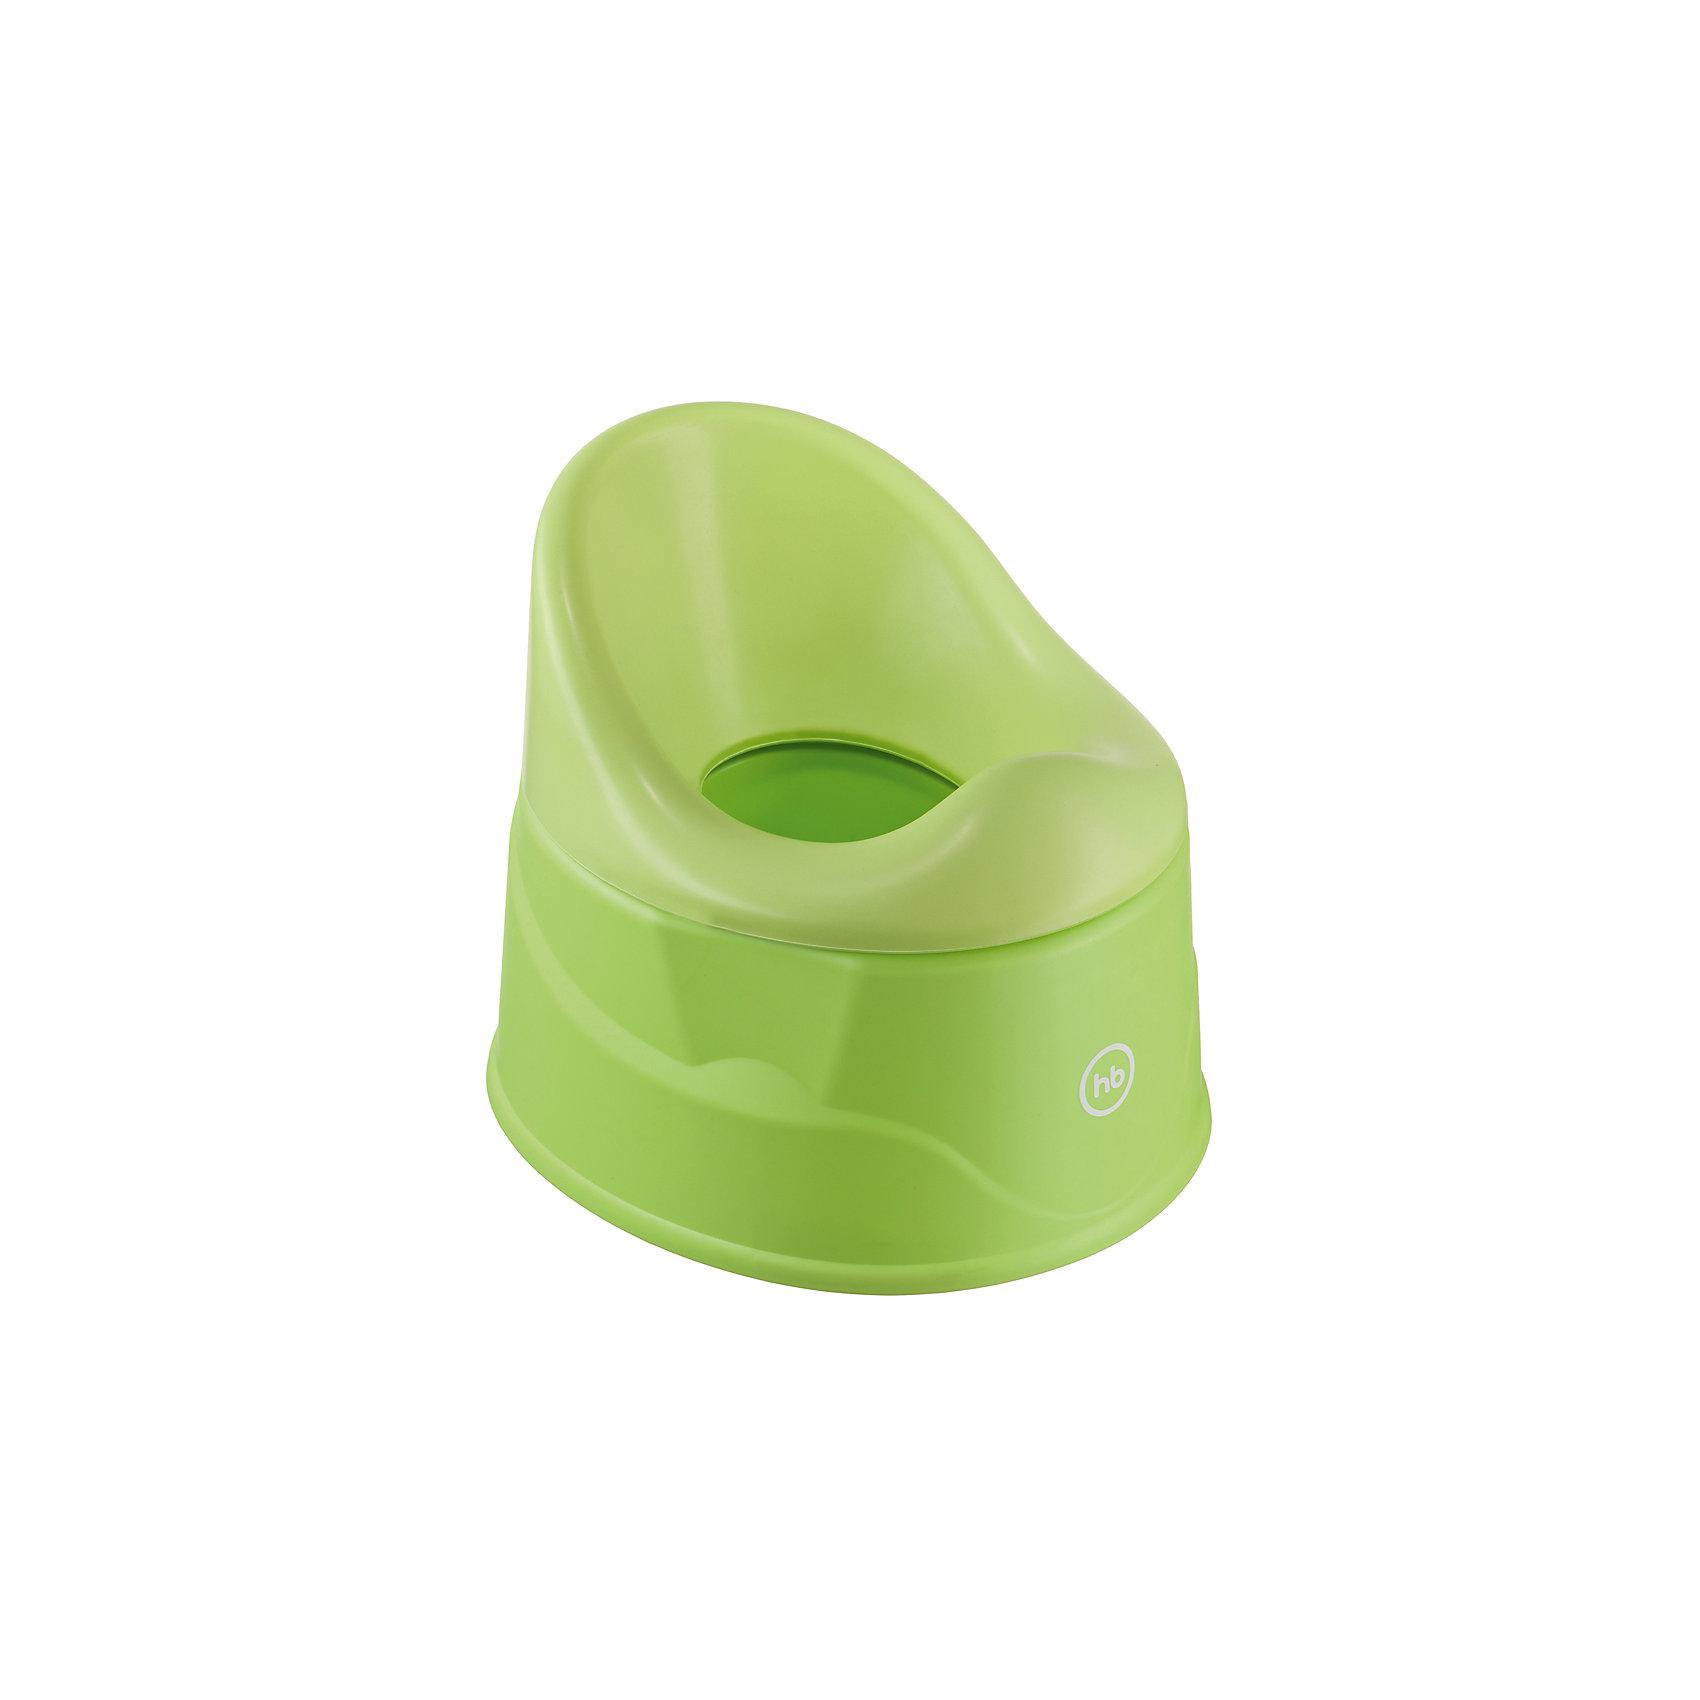 Горшок Comfy, Happy Baby, зеленыйГоршок Comfy, Happy Baby, зеленый – это ультрамягкий, теплый современный детский горшок.<br>Горшок Comfy — идеальный горшок для приучения вашего малыша к самостоятельной гигиене с самого раннего возраста. Уникальной особенностью горшка является материал, из которого создано сиденье — оно выполнено из современного, теплого, мягкого и приятного на ощупь материала, что помогает уменьшить дискомфорт ребенка при приучении к горшку. Конструкция горшка очень устойчива и продумана для повышенного комфорта, имеет высокий борт спереди для защиты от брызг, завышенную спинку и нескользящие ножки, а съемная часть позволяет легко и быстро осуществить его чистку. С таким теплым, мягким, комфортным горшком ваш малыш легко и быстро привыкнет к ежедневной процедуре самостоятельной гигиены.<br><br>Дополнительная информация:<br><br>- Материал: полипропилен, полиуретан<br>- Цвет: зеленый<br>- Размер упаковки: 35,5 x 37 x 21 см.<br><br>Горшок Comfy, Happy Baby, зеленый можно купить в нашем интернет-магазине.<br><br>Ширина мм: 215<br>Глубина мм: 355<br>Высота мм: 375<br>Вес г: 1800<br>Цвет: зеленый<br>Возраст от месяцев: 6<br>Возраст до месяцев: 36<br>Пол: Унисекс<br>Возраст: Детский<br>SKU: 4753950